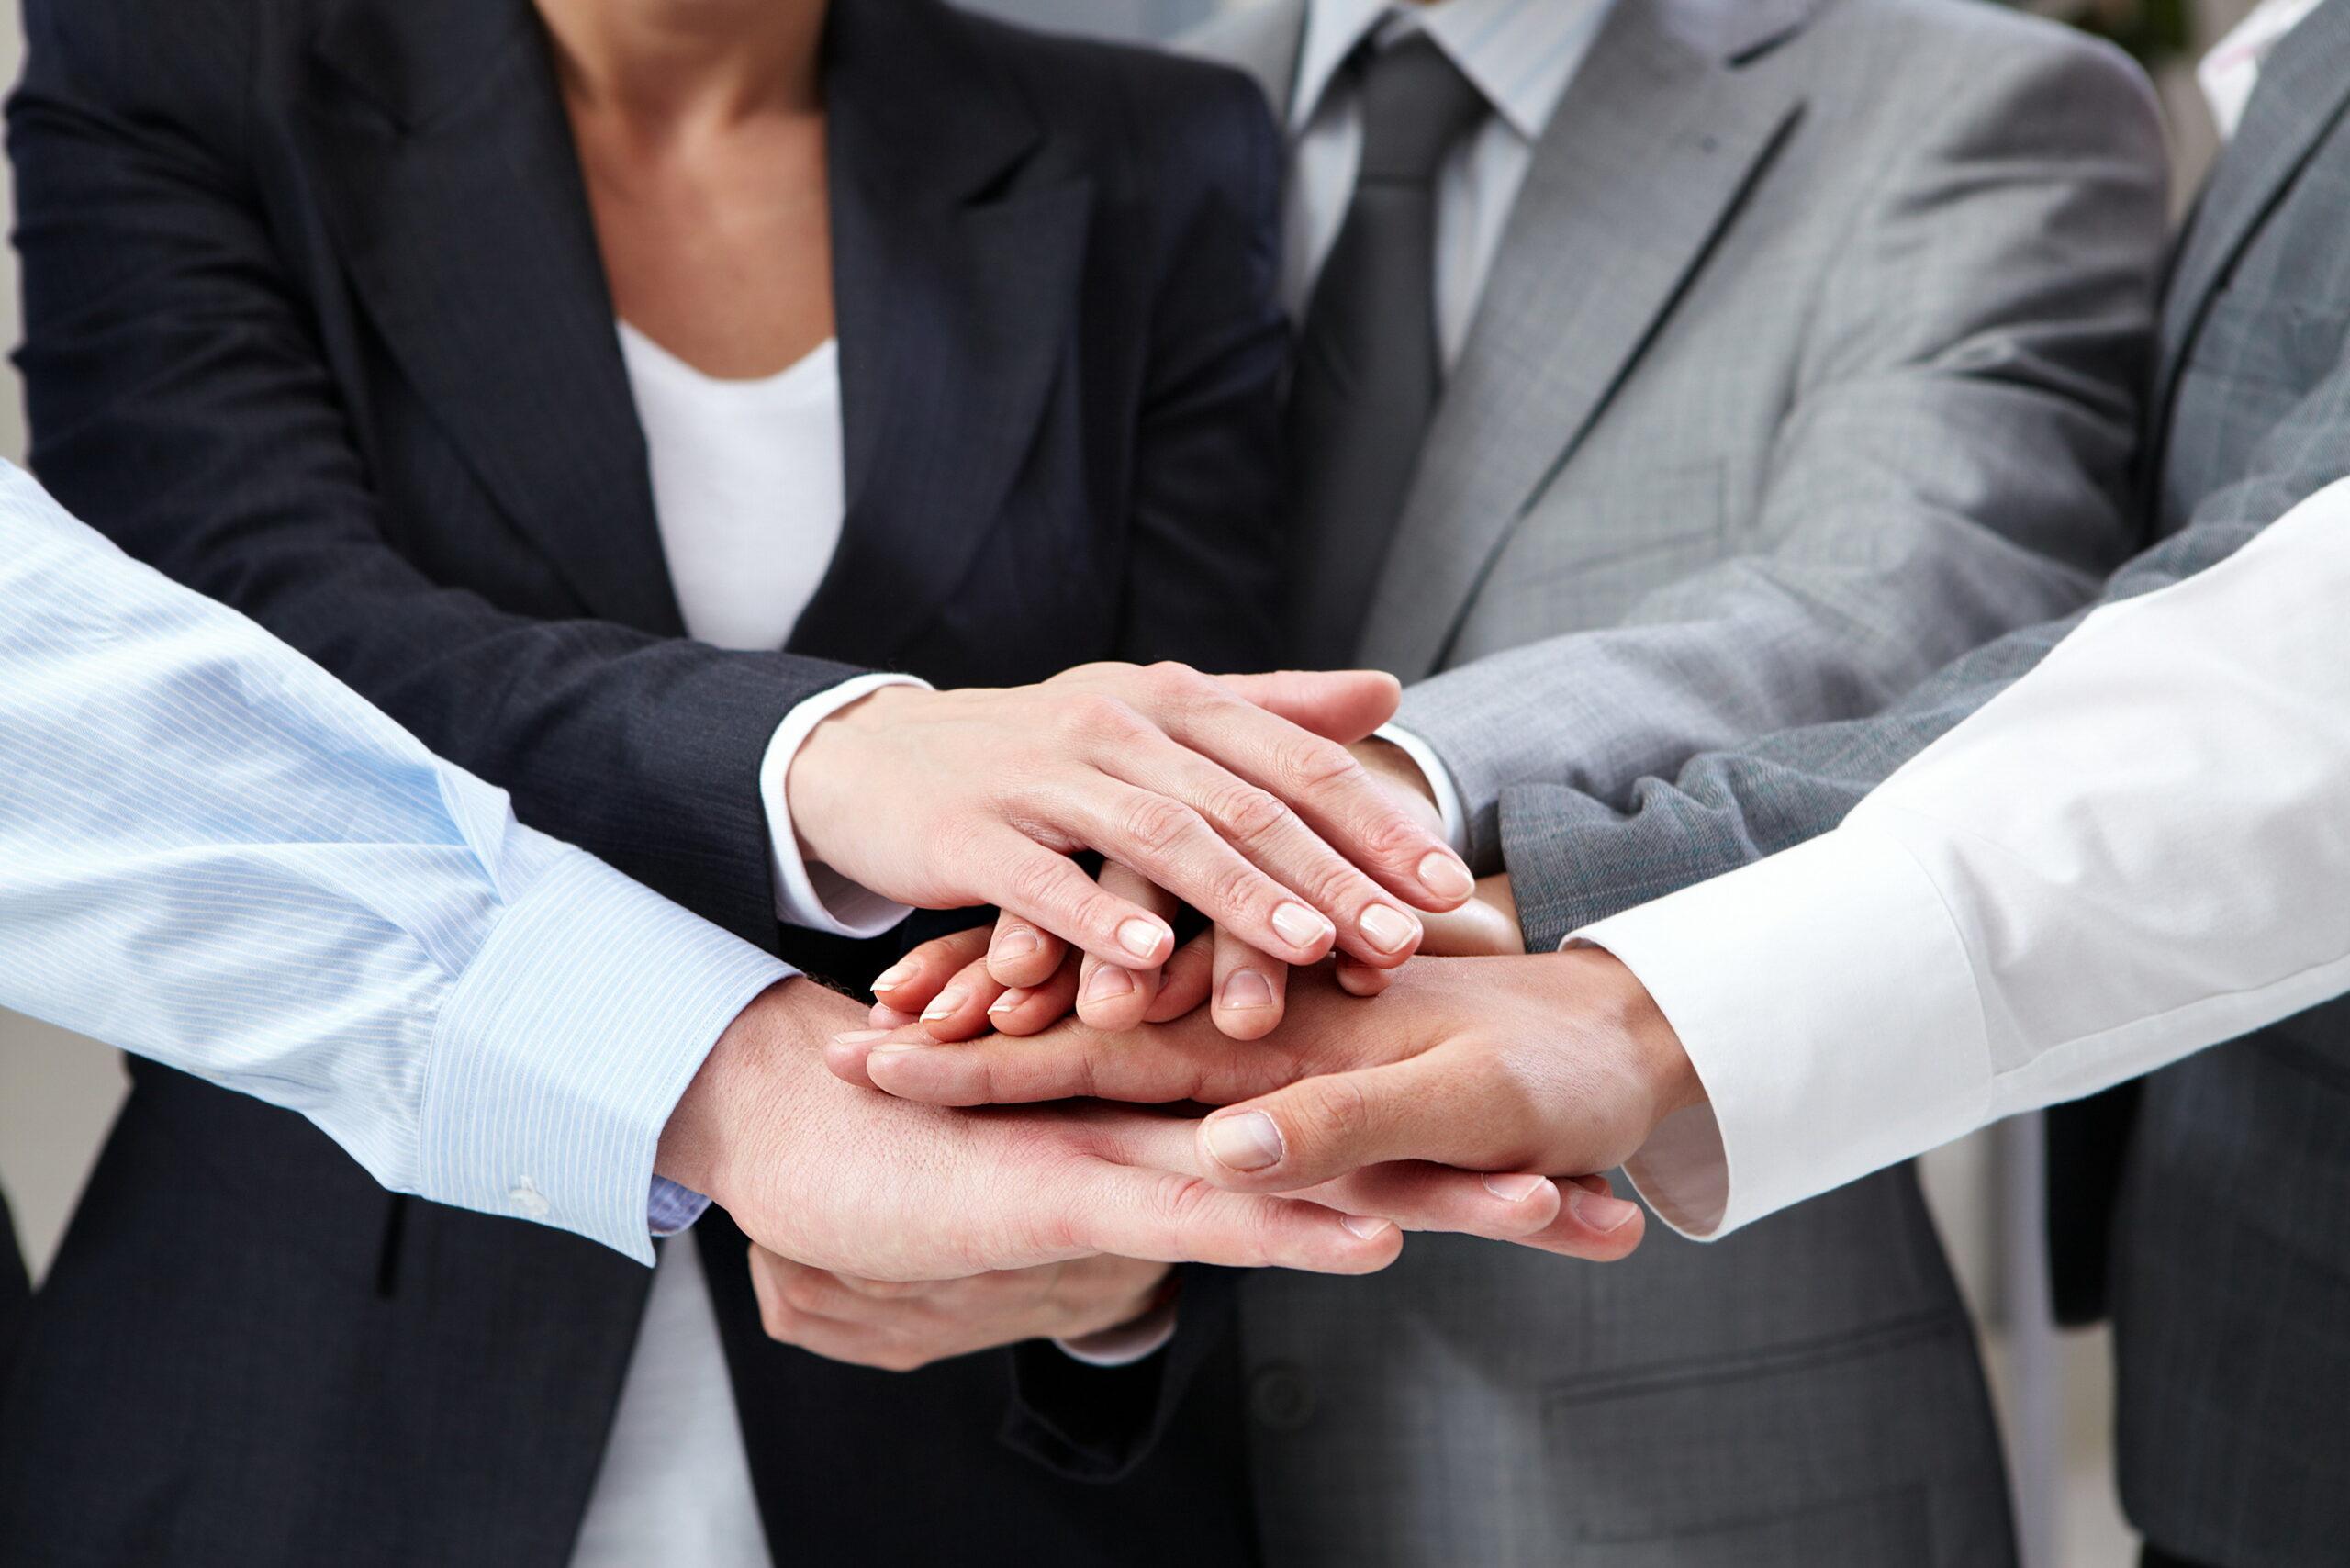 Praca szuka człowieka! Trwa nabór do zespołu ds. polityki senioralnej